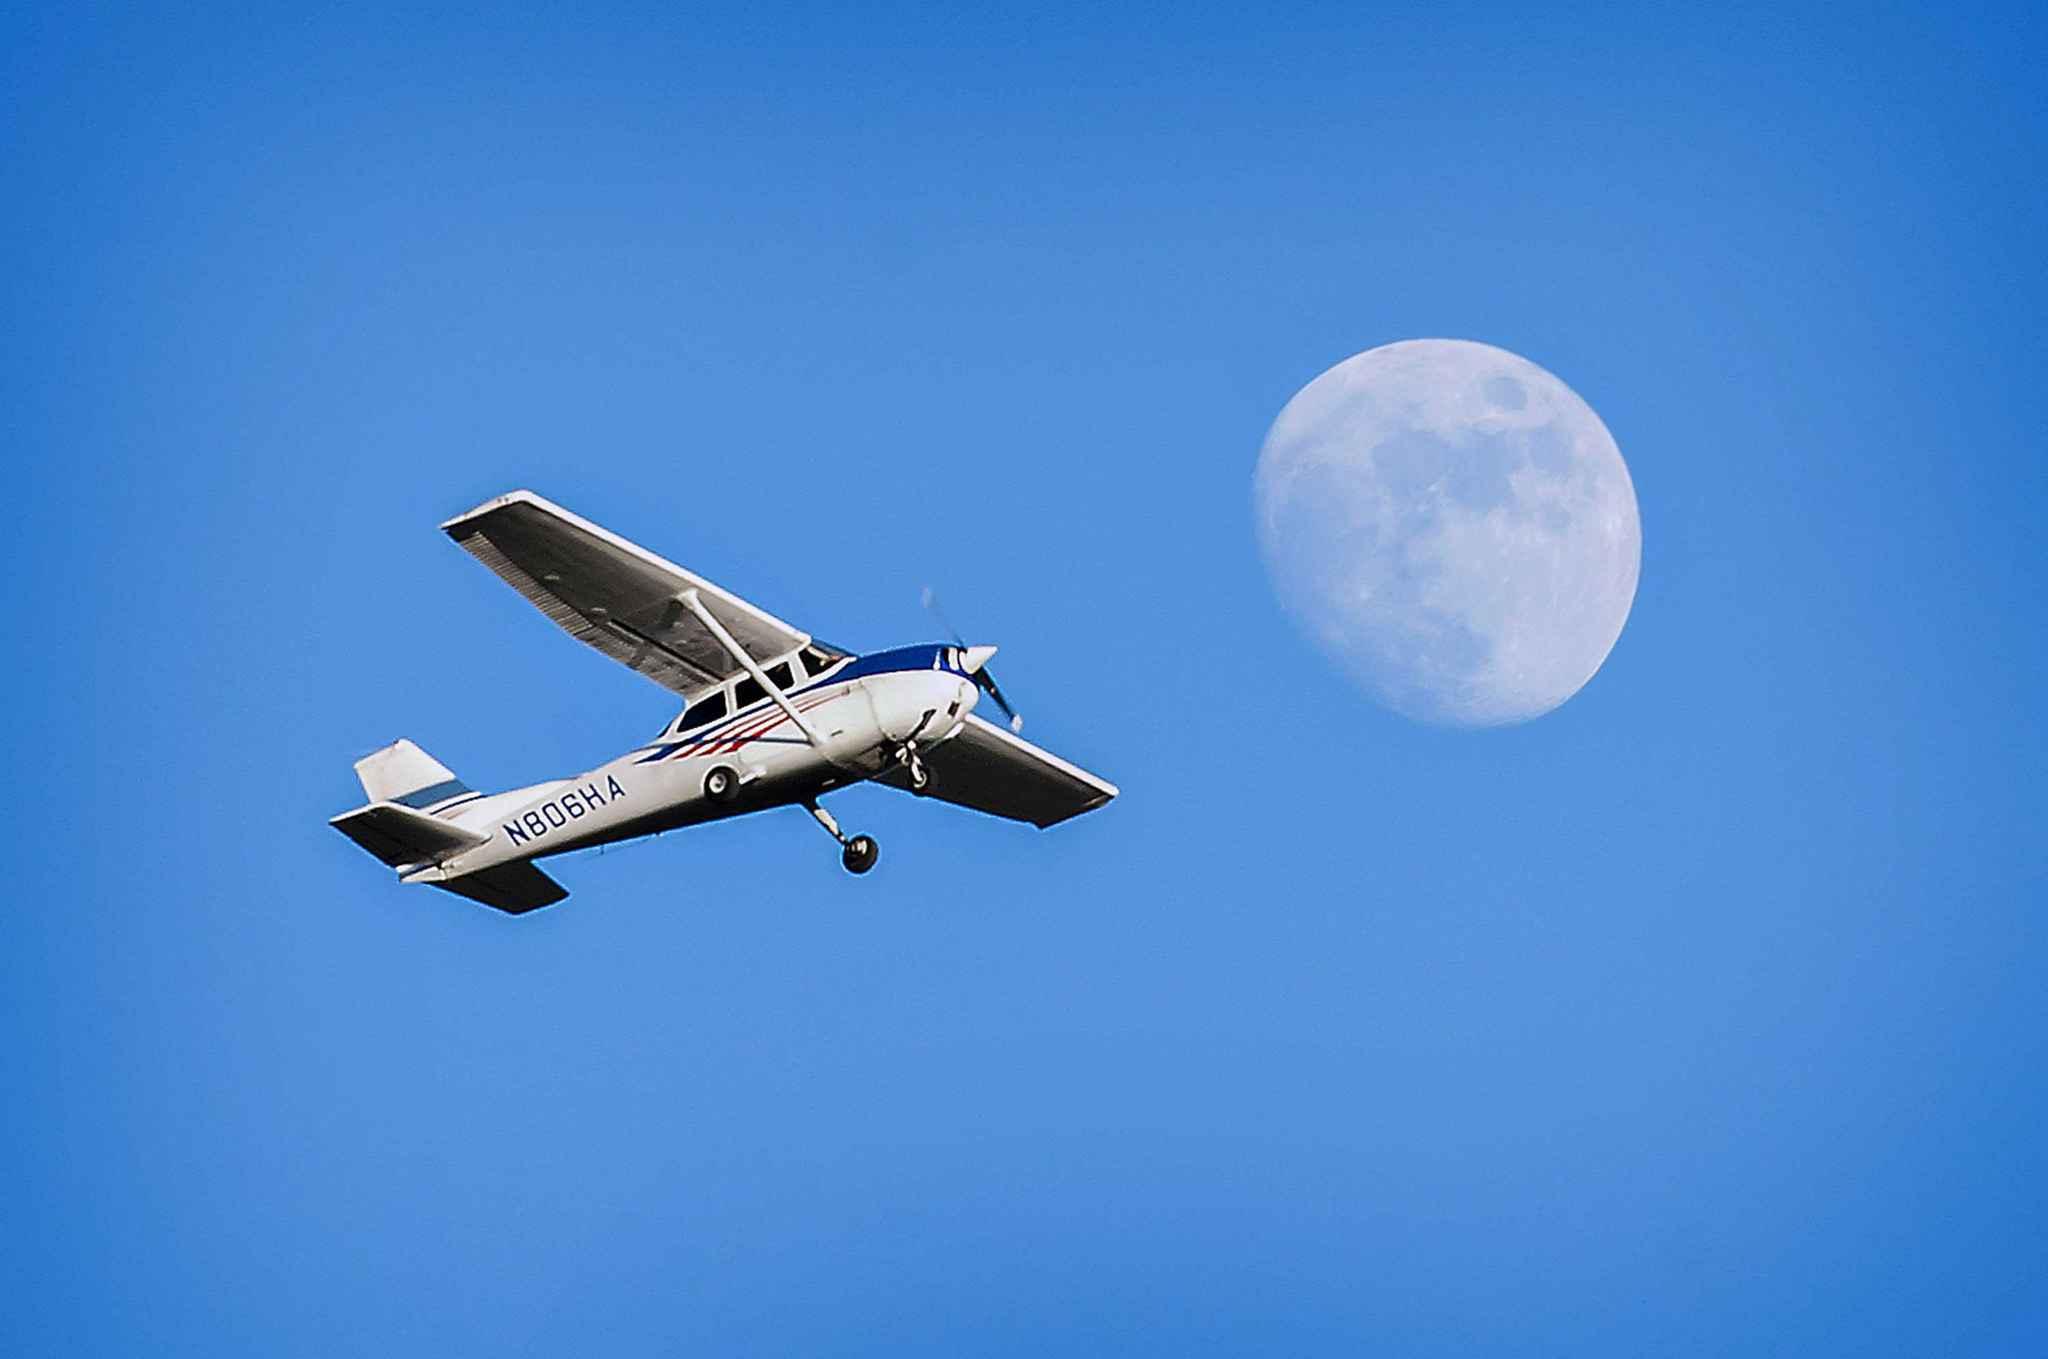 dordogne un avion de tourisme en difficult a t secouru par un pilote de l 39 arm e de l 39 air. Black Bedroom Furniture Sets. Home Design Ideas